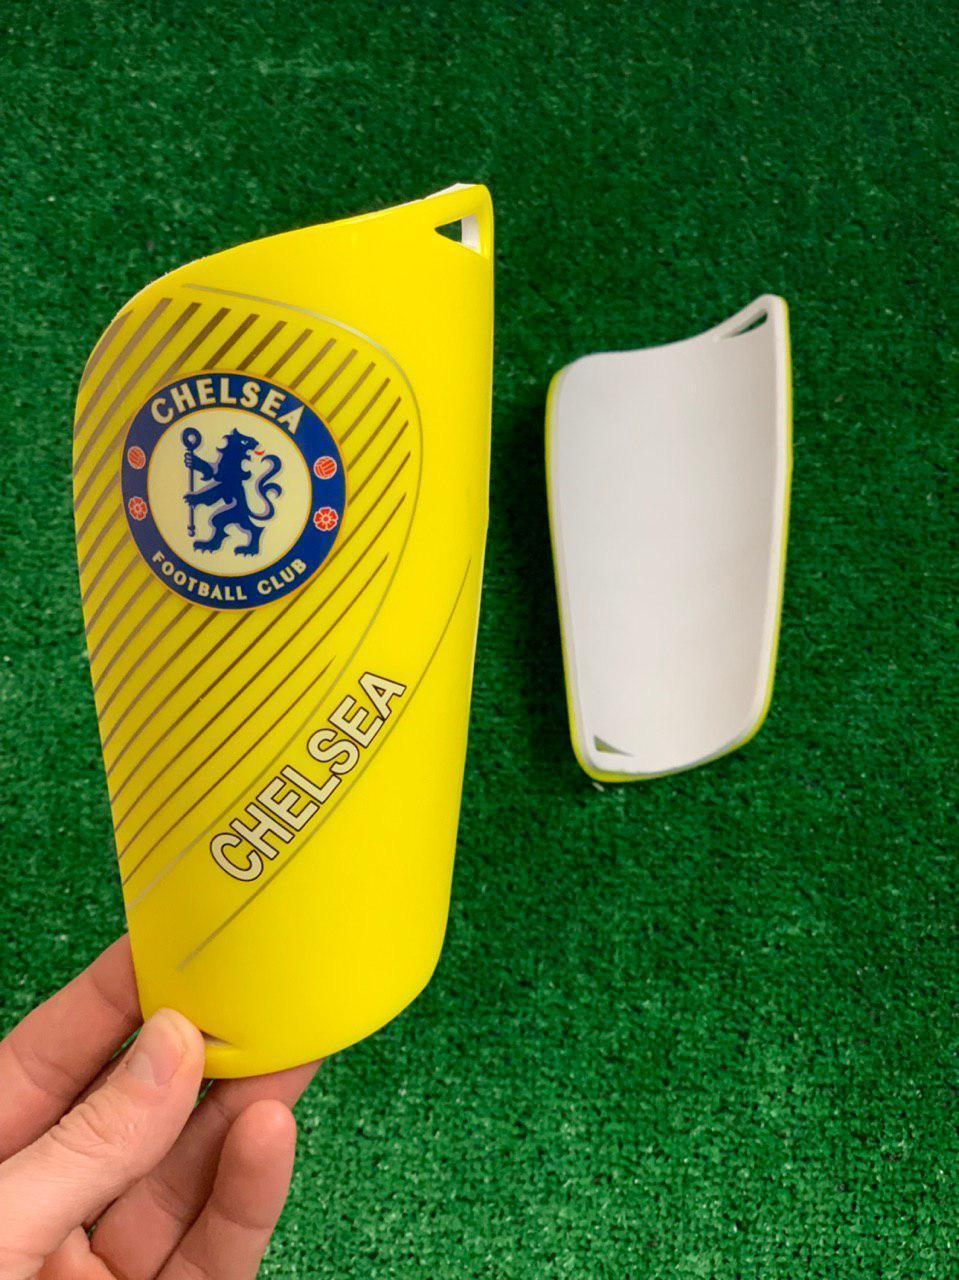 Щитки для футболу Челсі жовті (репліка)